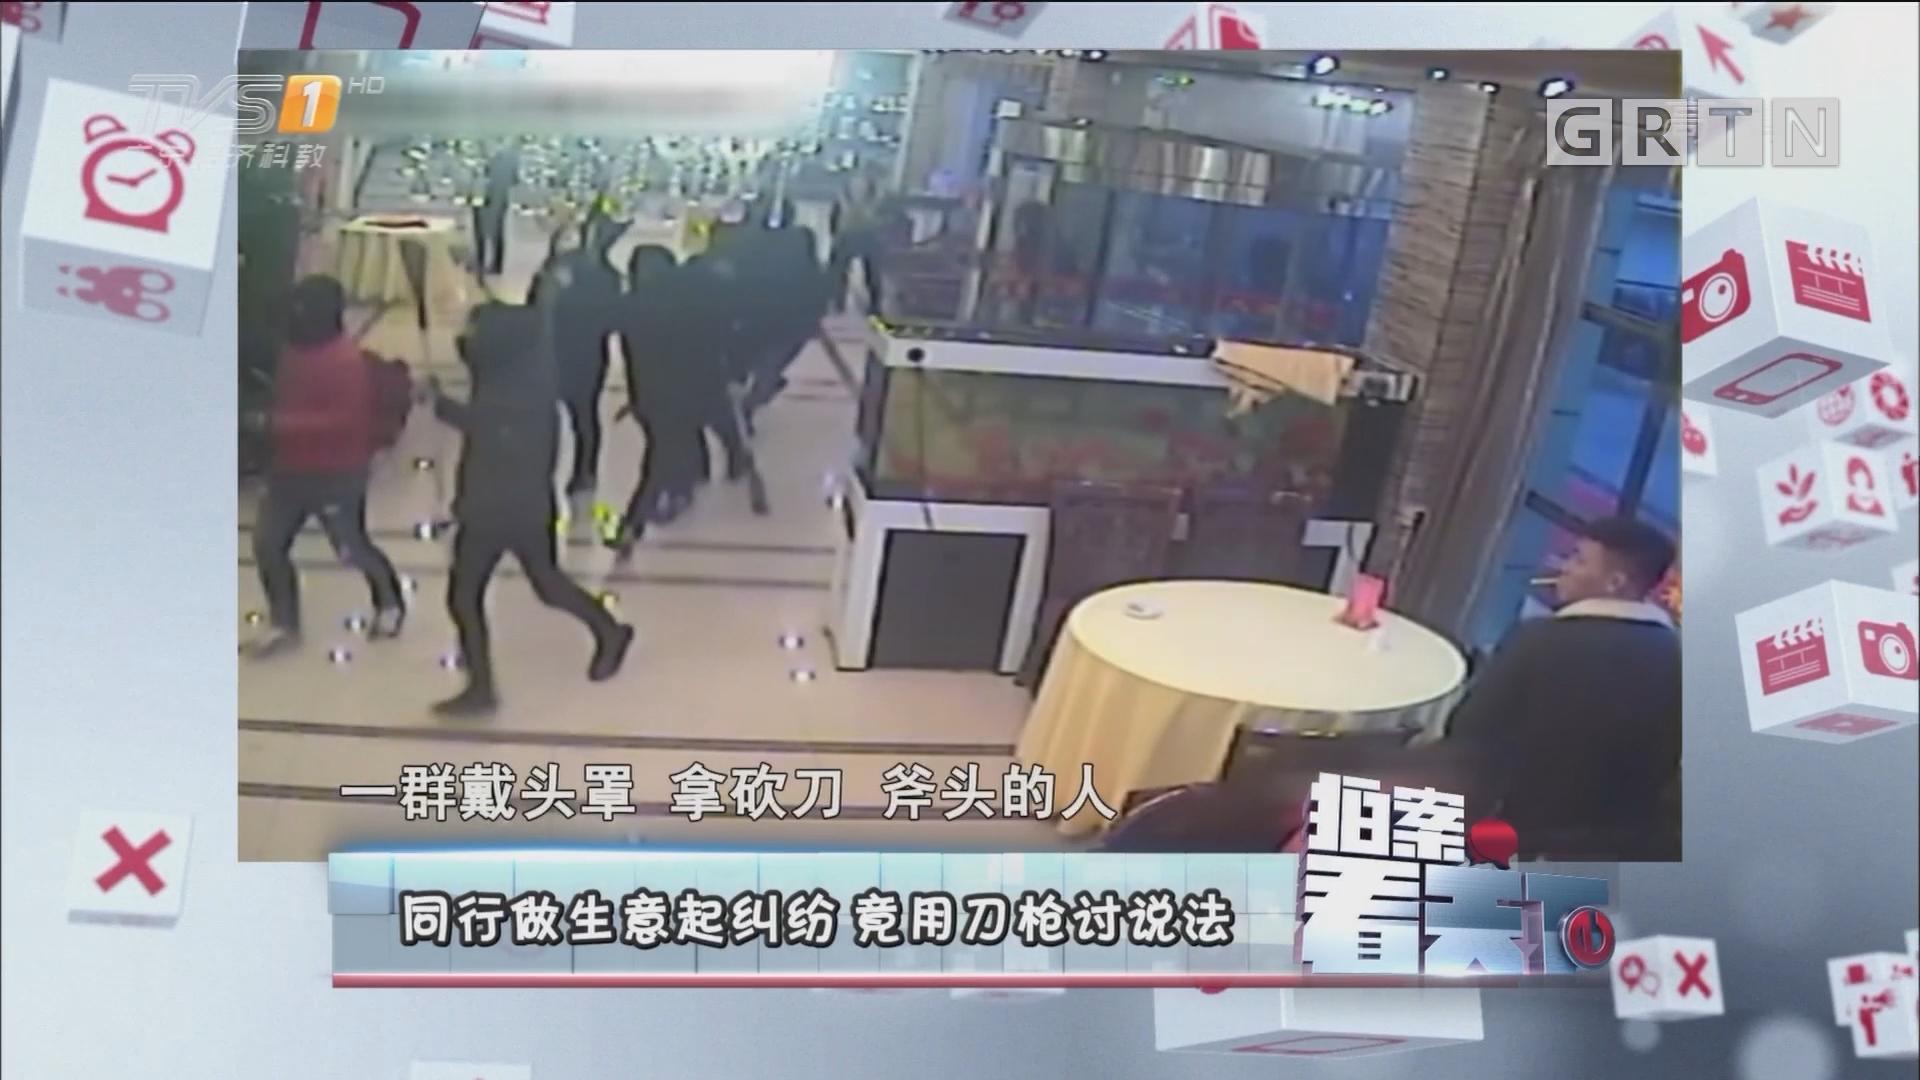 [HD][2017-08-02]拍案看天下:同行做生意起纠纷 竟用刀枪讨说法